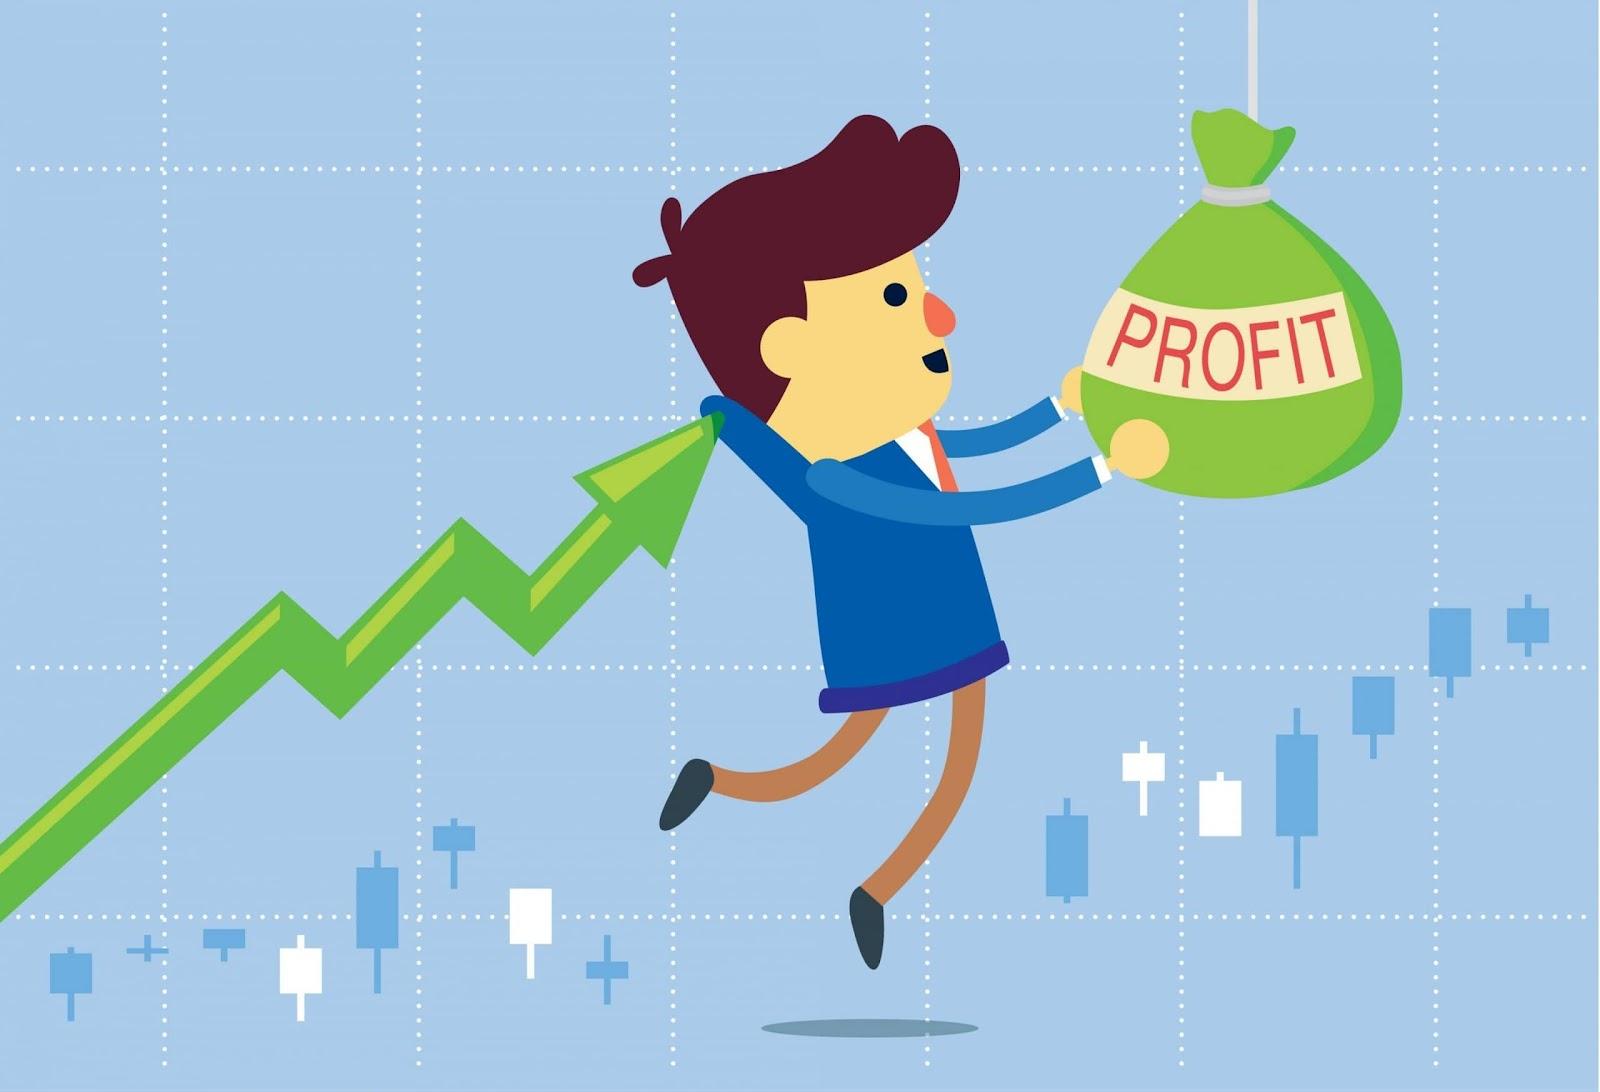 Take Profit Là Gì】 Hướng Dẫn Cách Đặt Lệnh Tối Đa Hóa Lợi Nhuận